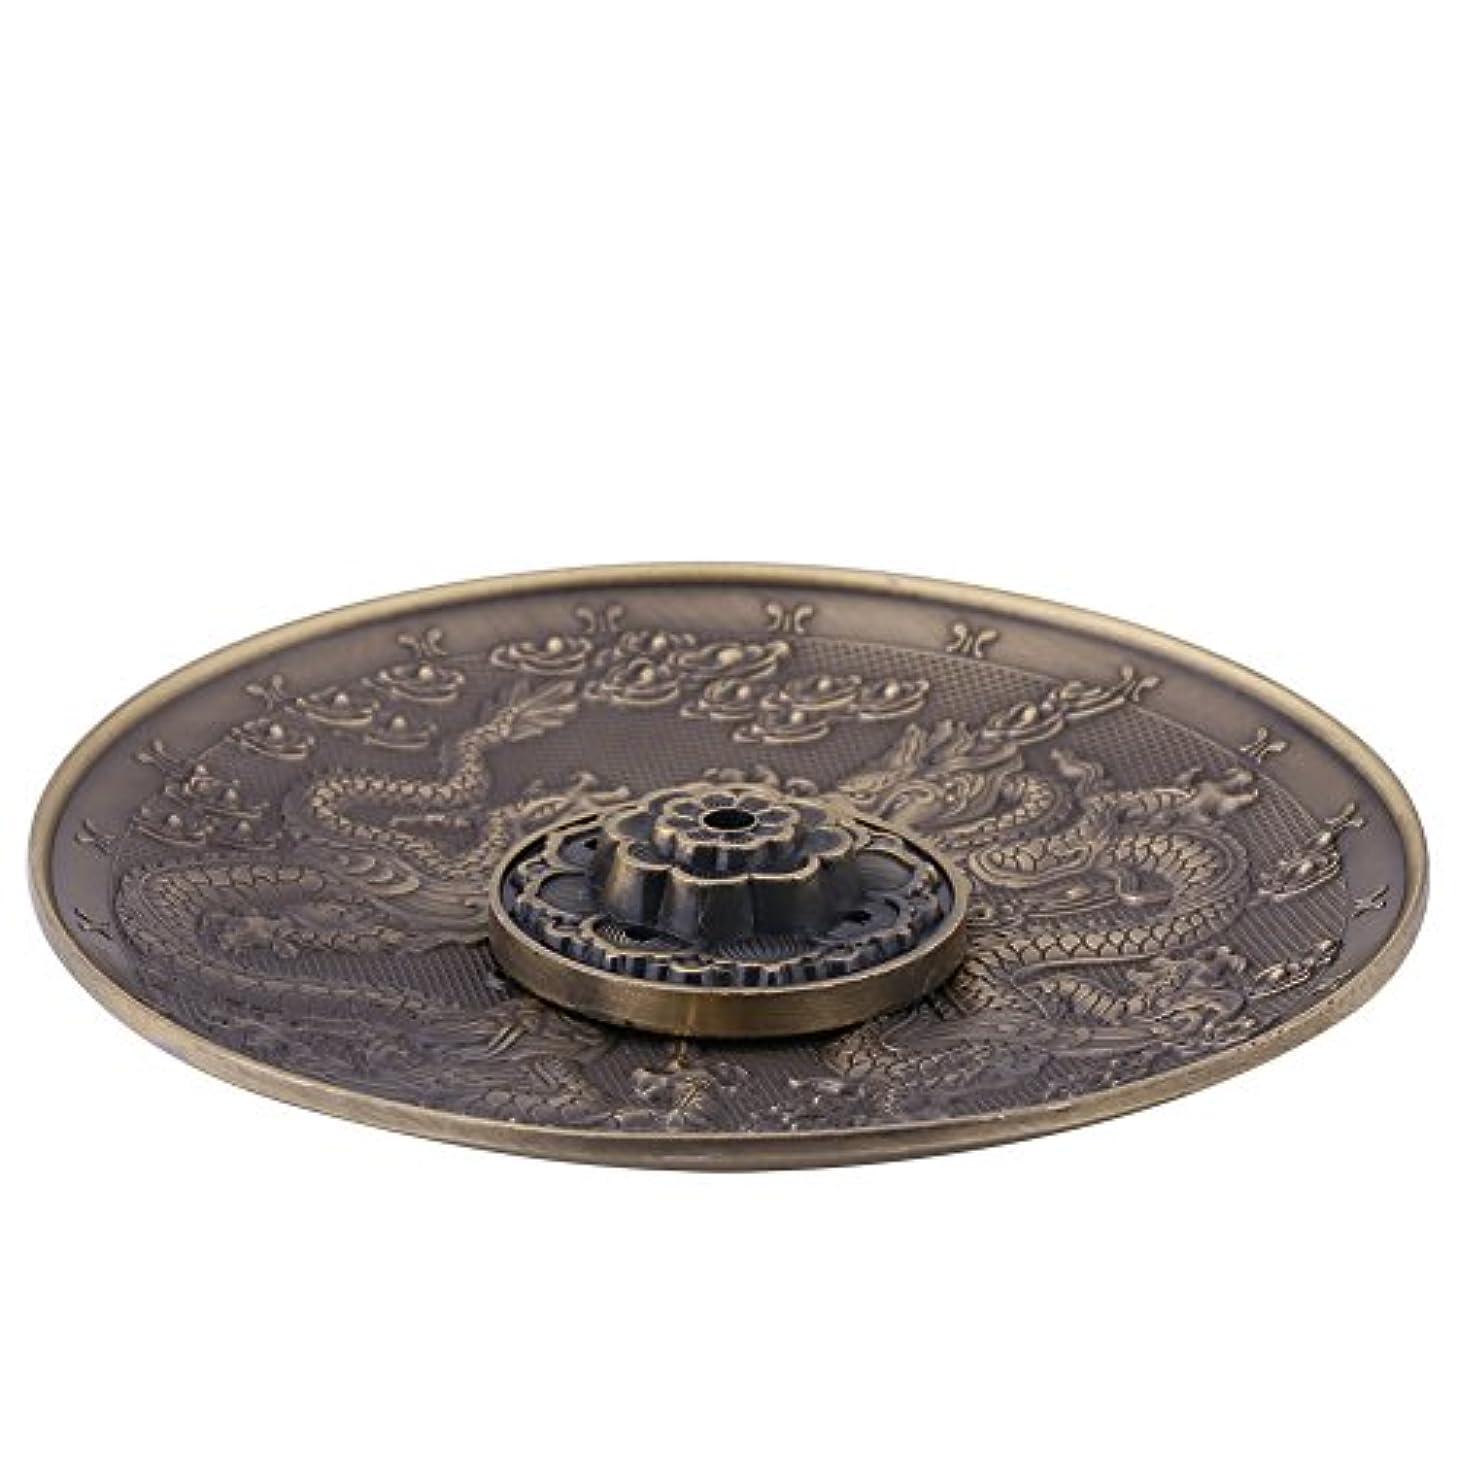 同等の相対性理論ブルーベル香皿 亜鉛の香り バーナーホルダー寝室の神殿のオフィスのためのドラゴンパターンの香炉プレート(ブロンズ)